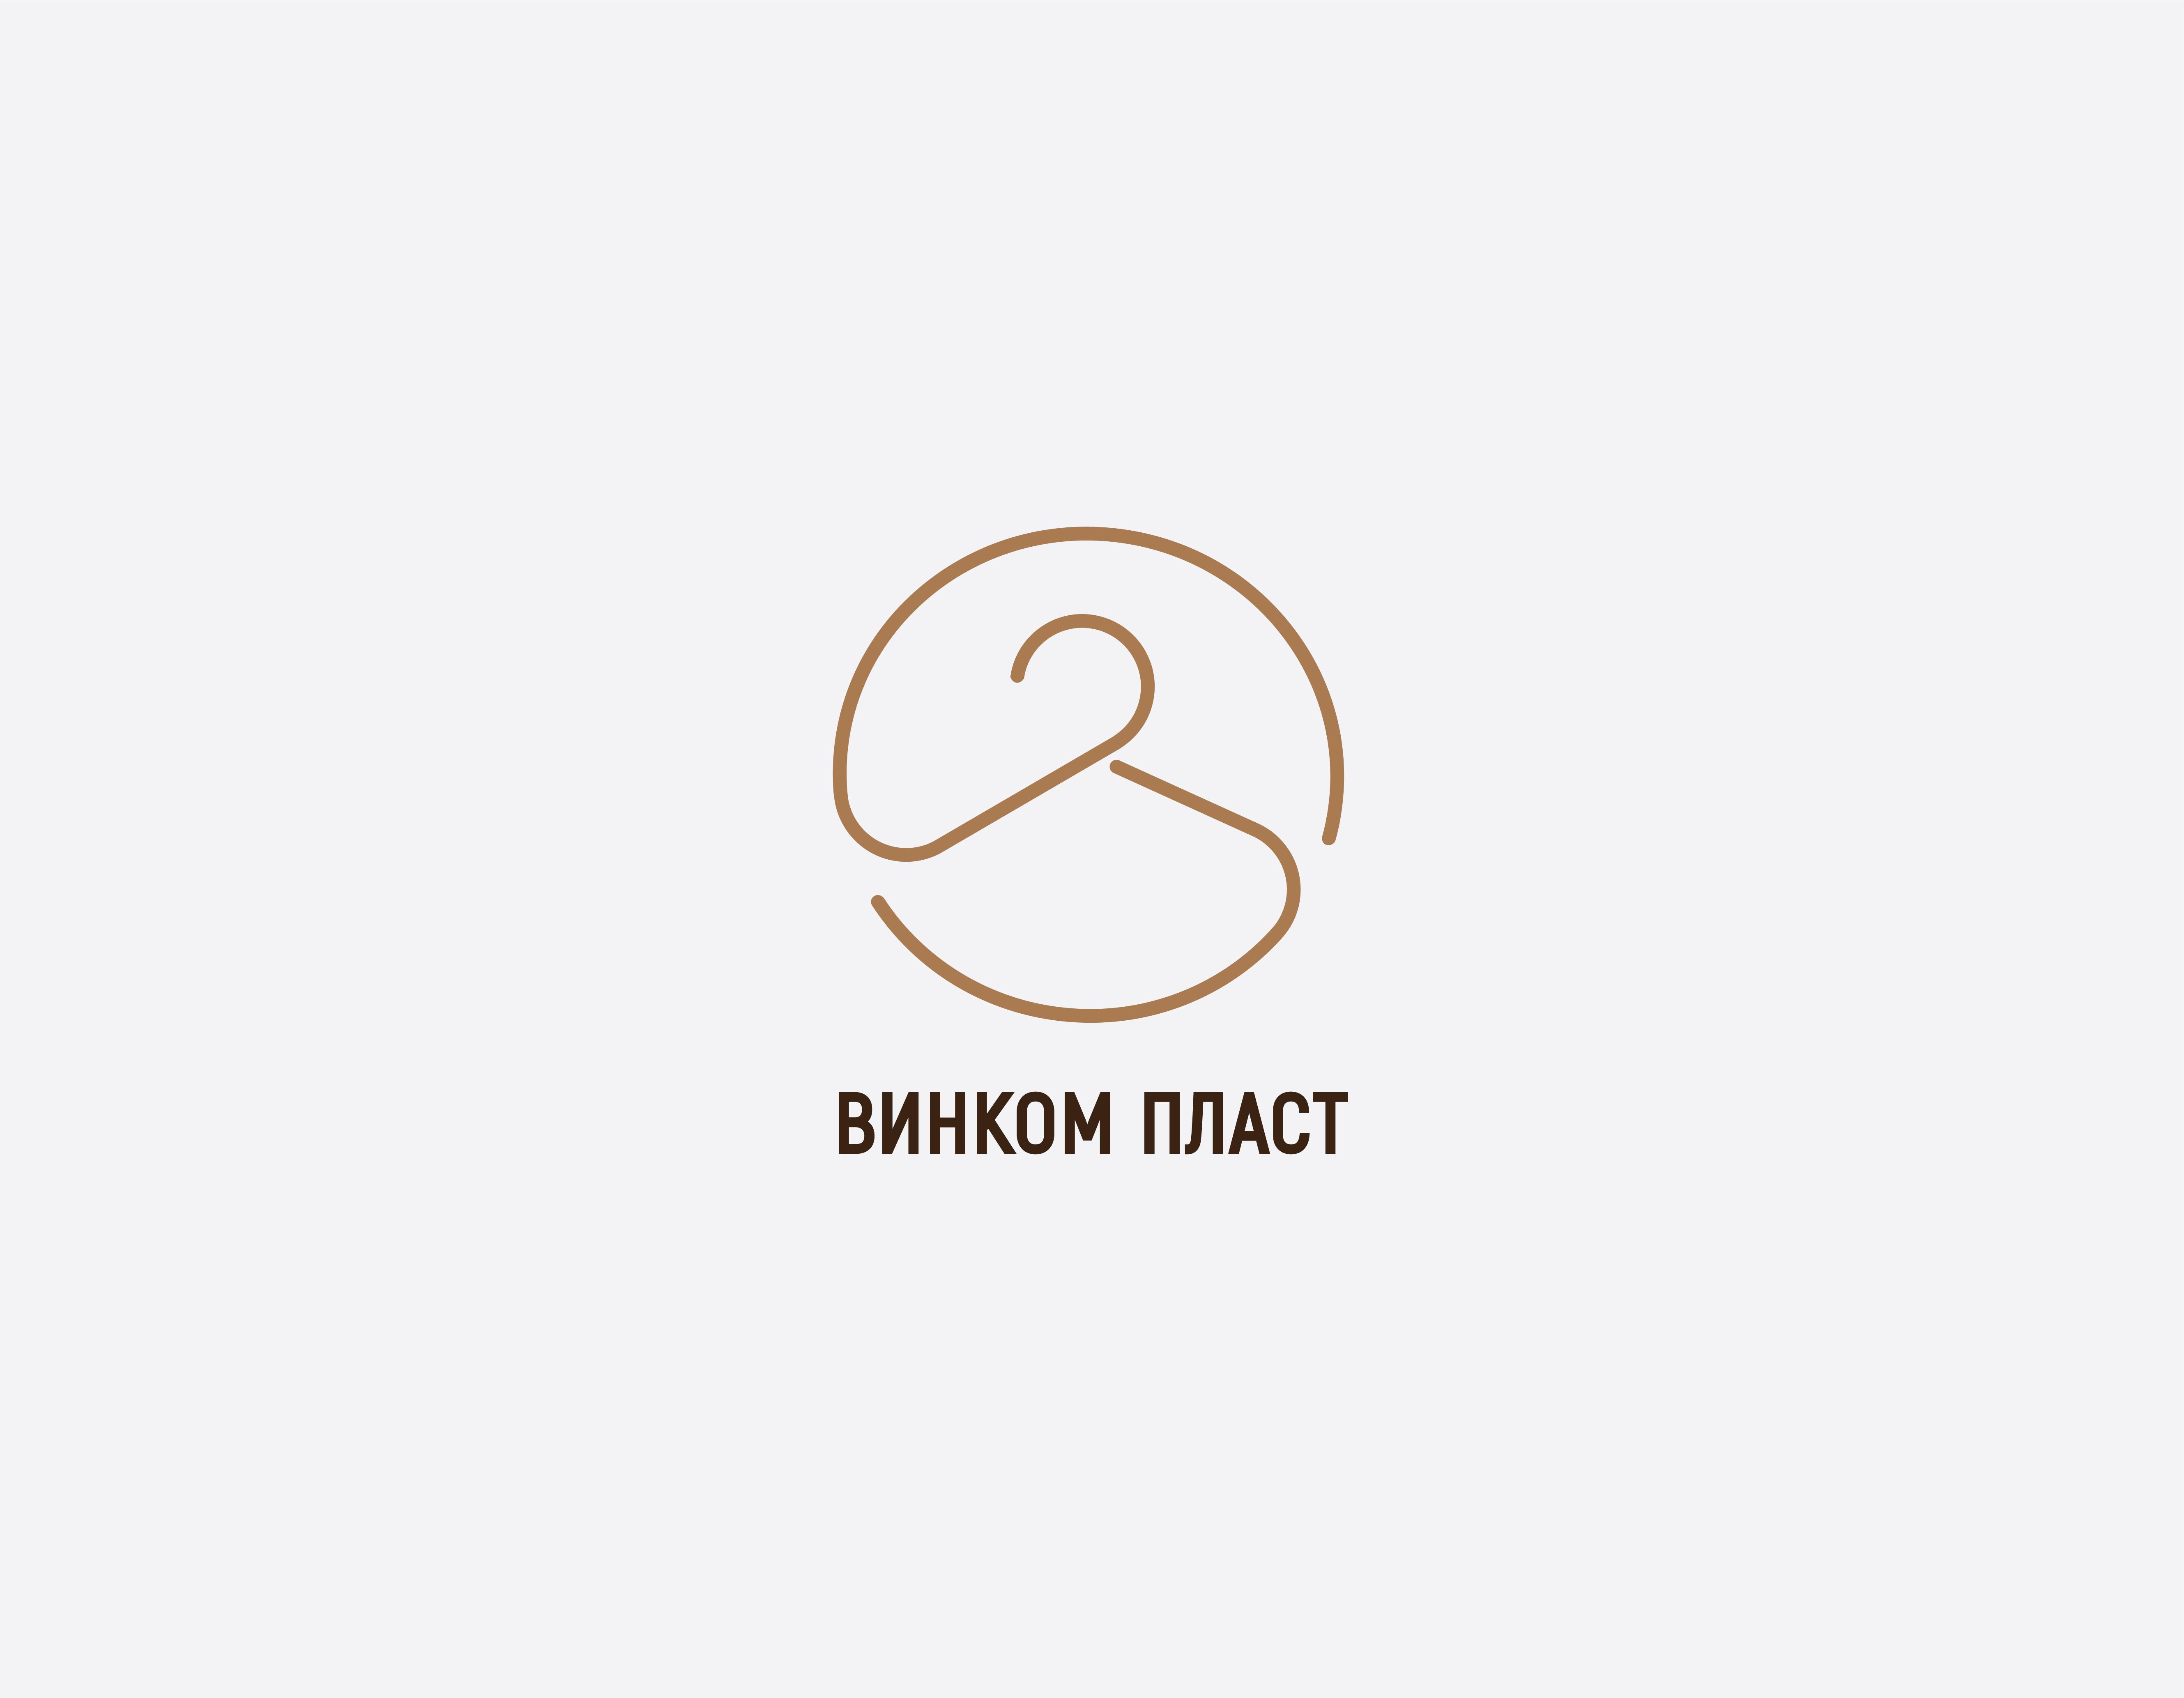 Логотип, фавикон и визитка для компании Винком Пласт  фото f_6525c377b6b268dc.jpg